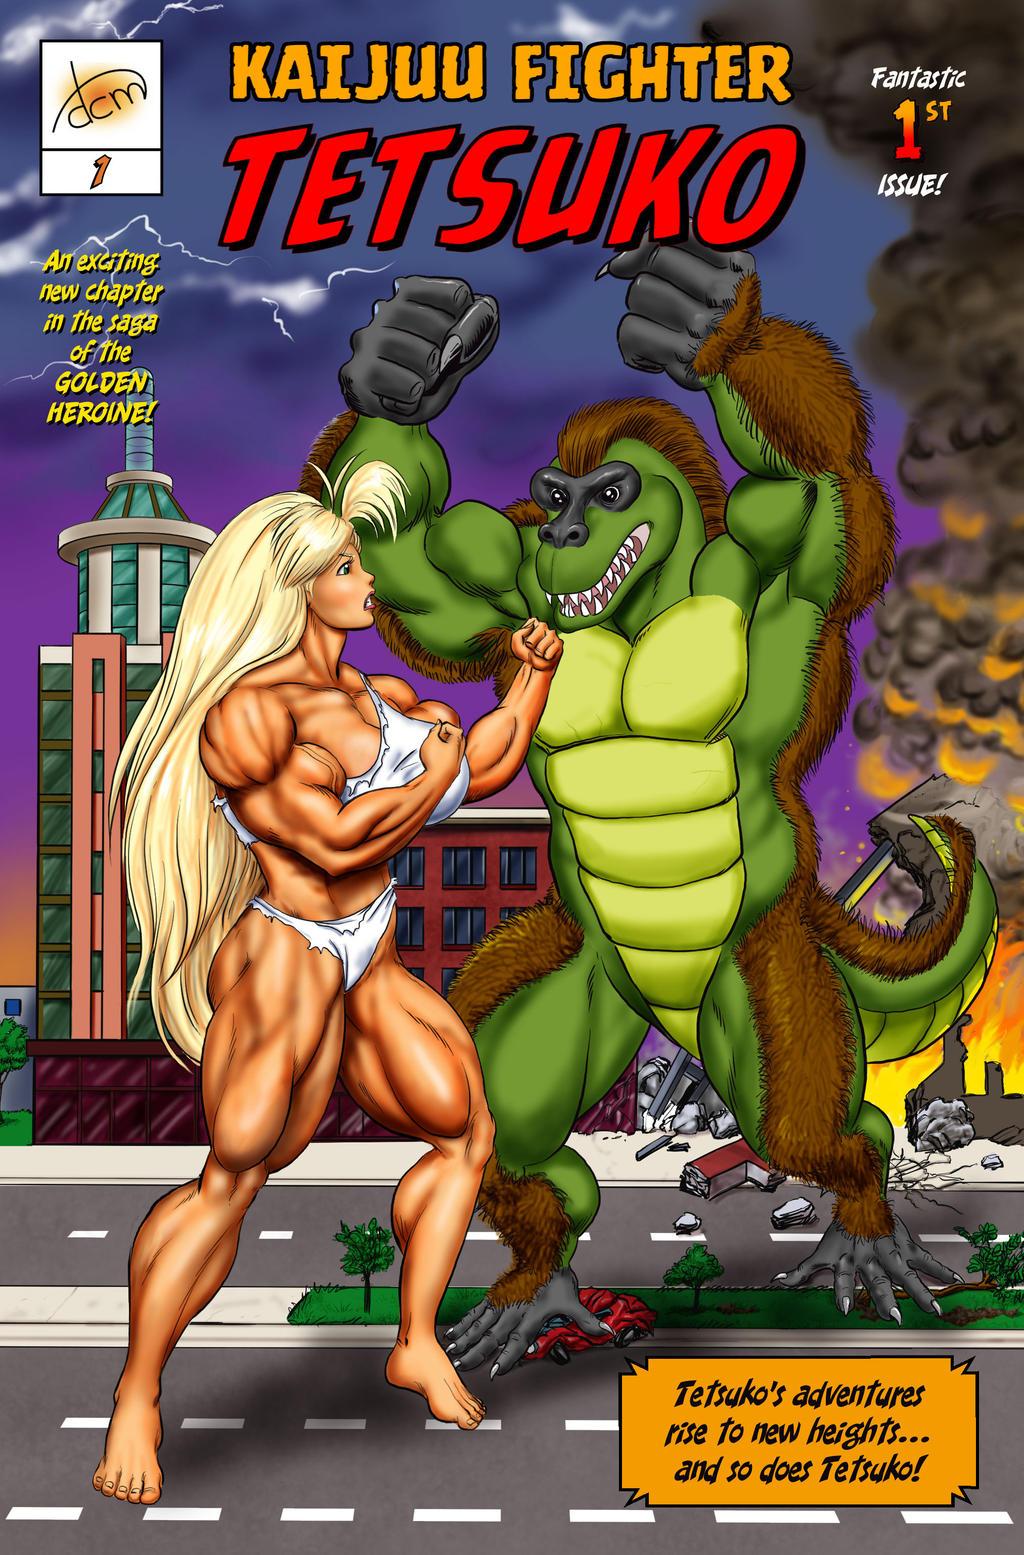 Kaijuu Fighter Tetsuko issue 1 cover by DavidCMatthews